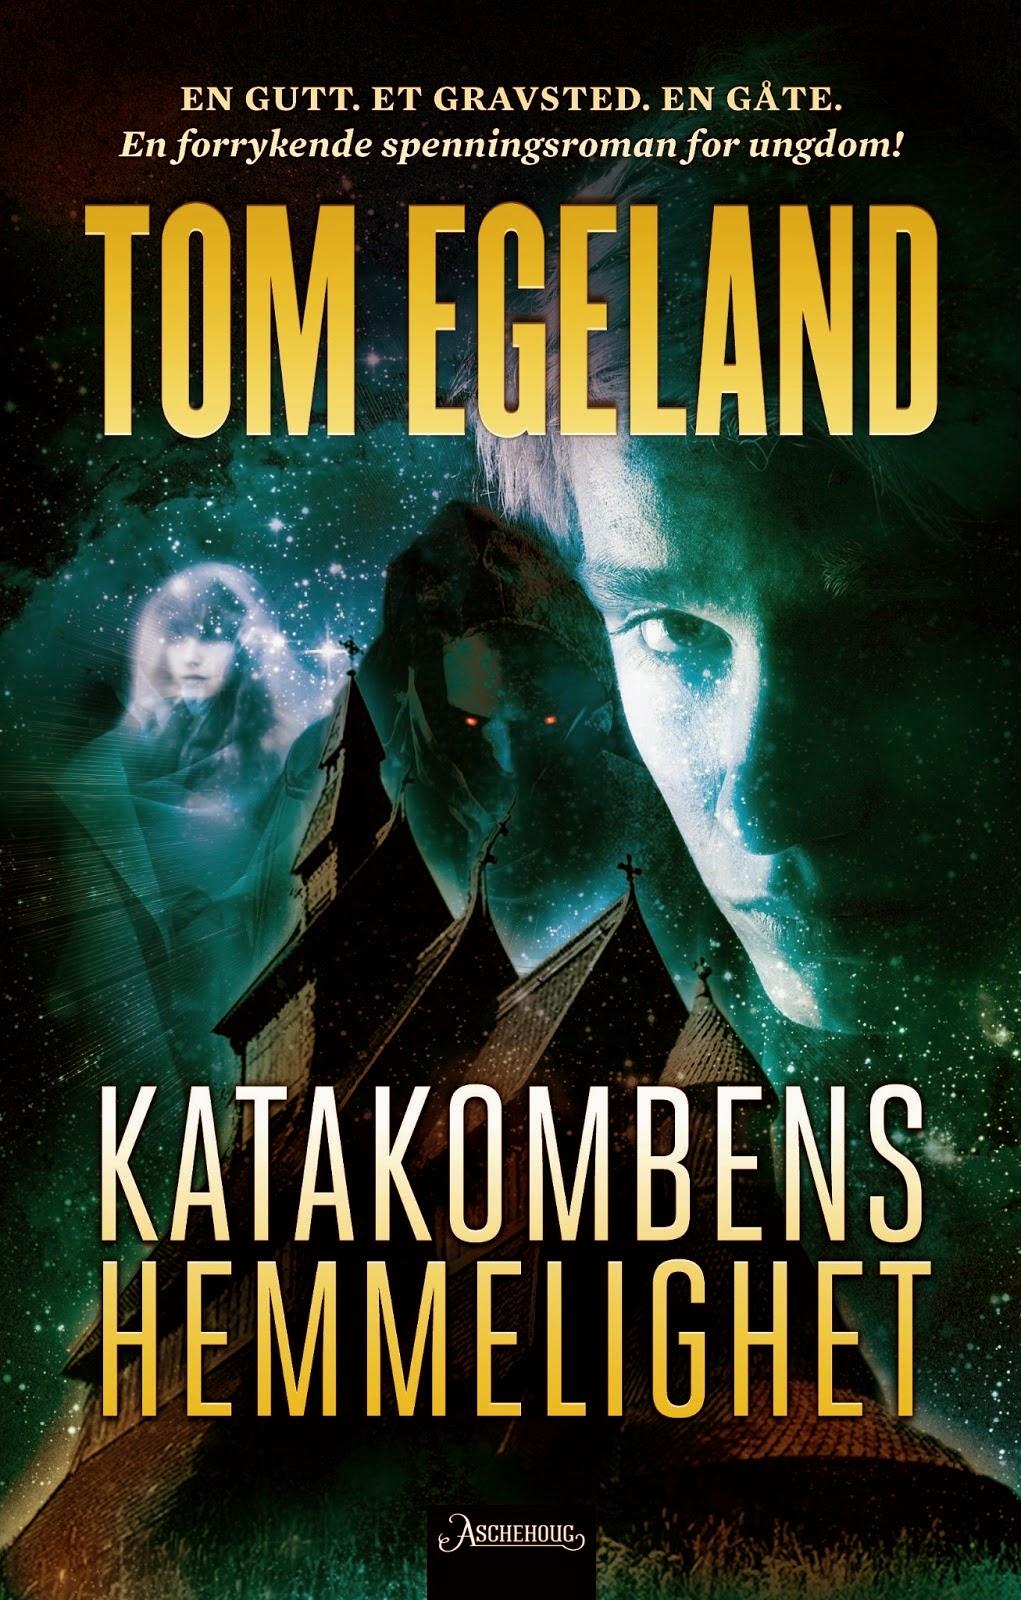 Bokhylla mi Katakombens hemmelighet av Tom Egeland